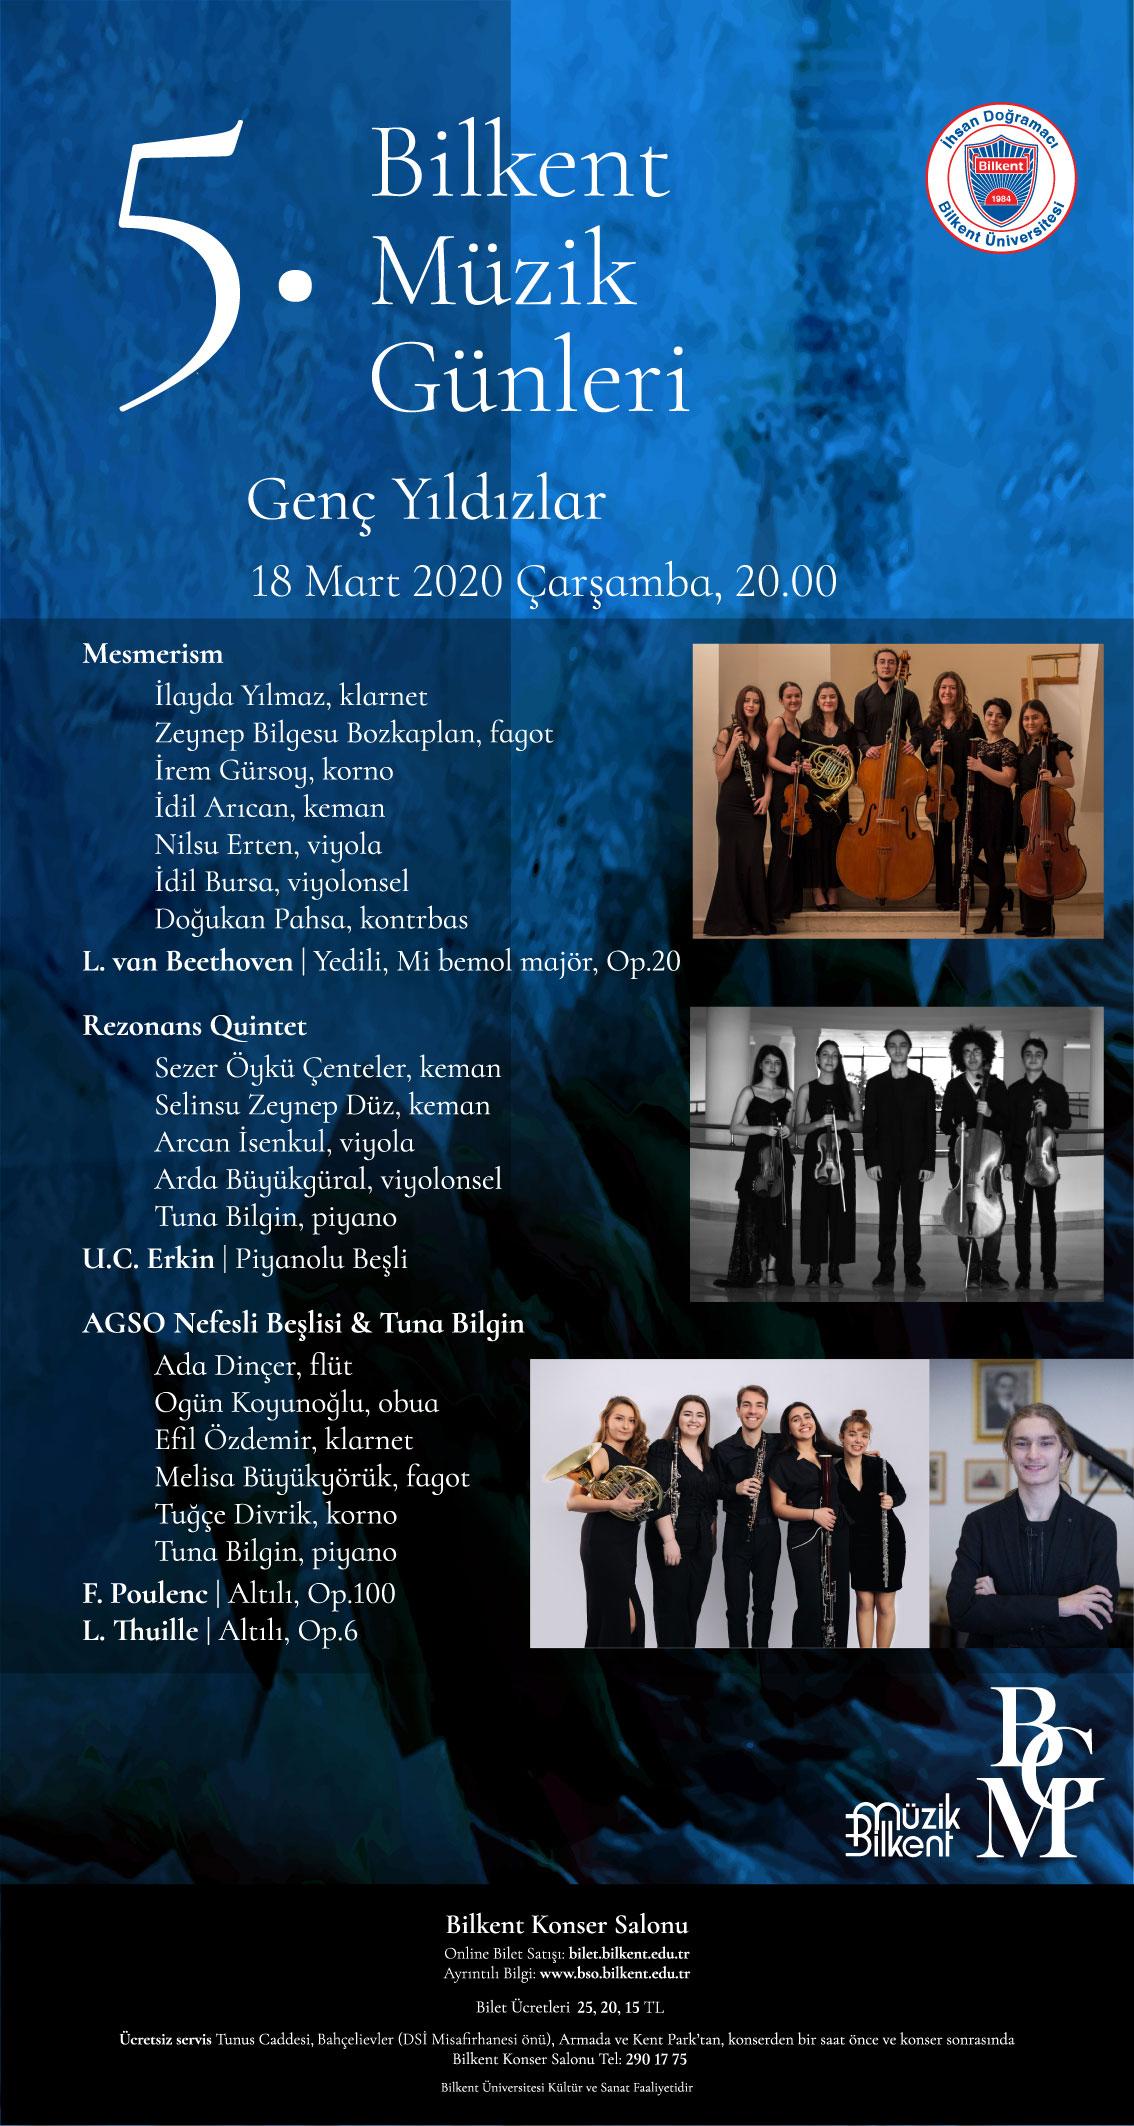 AGSO Nefesli Beşlisi 18 Mart 2020 Konseri